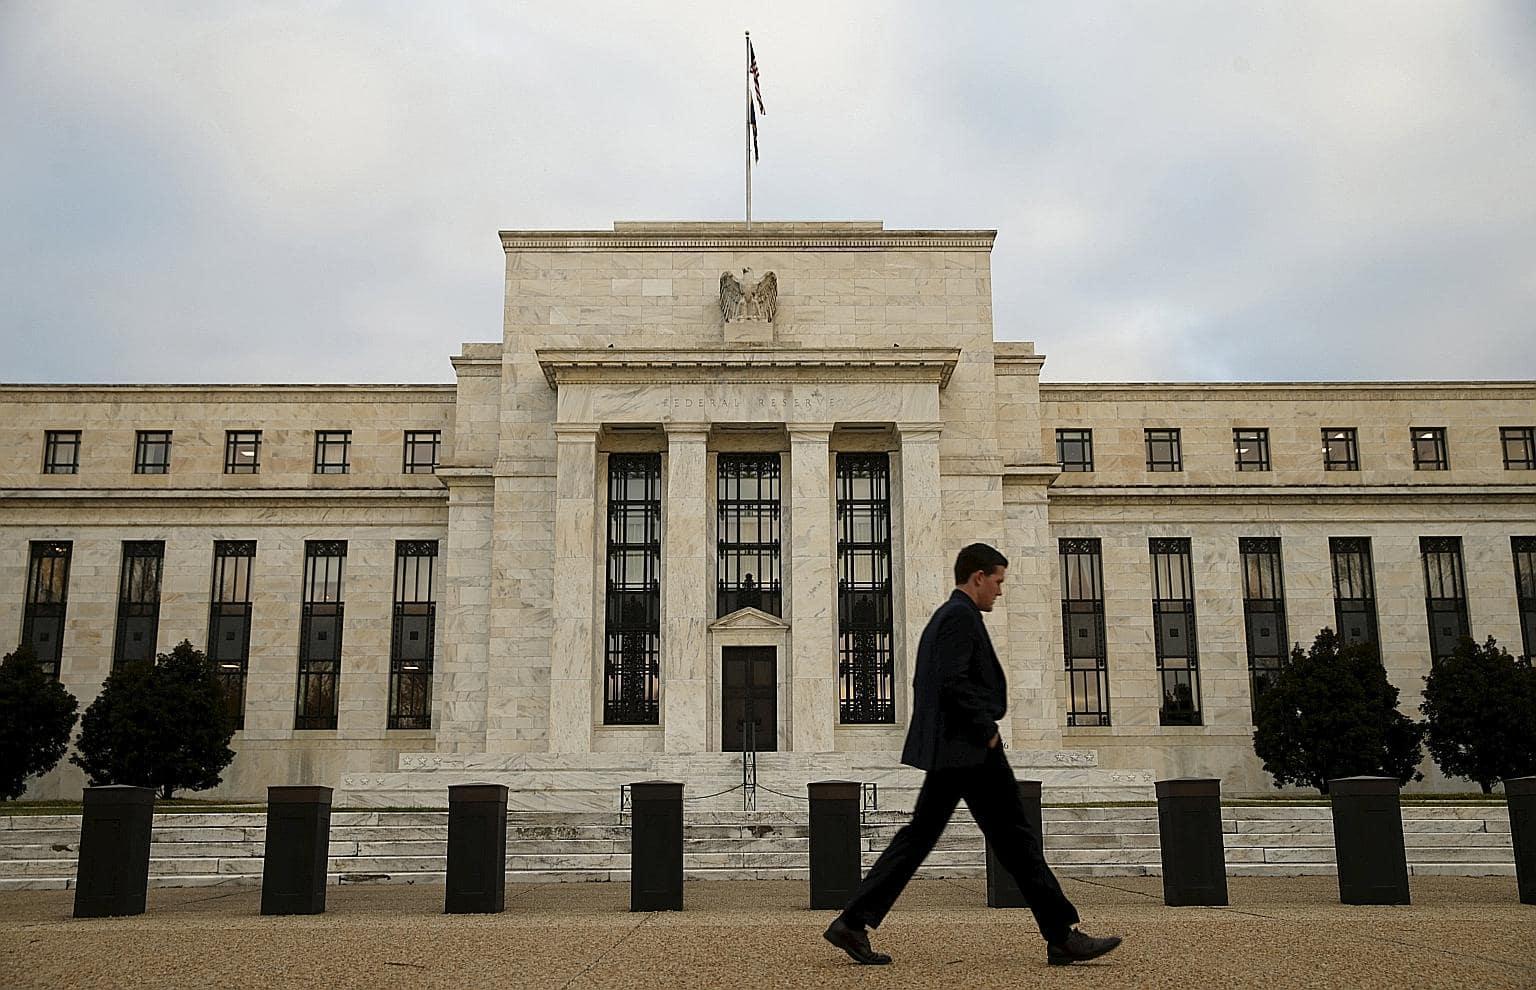 Изображение ФРС повышает процентные ставки: как это может повлиять на инвестиции